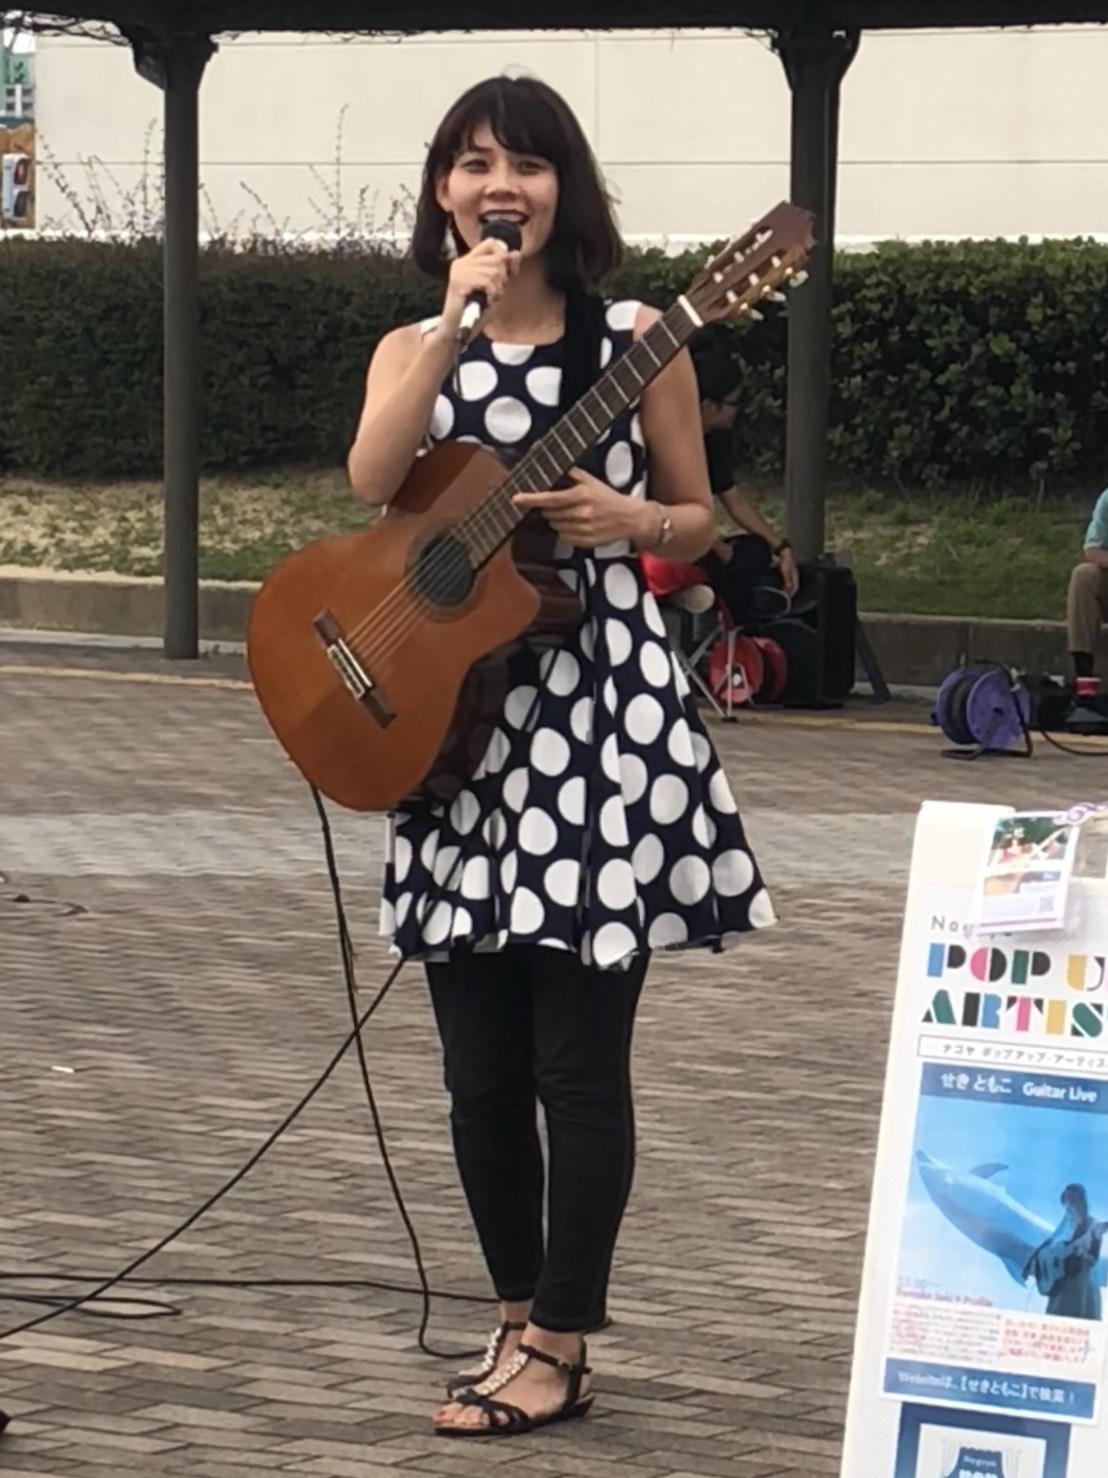 ジェティ広場での演奏、ありがとうございました!_f0373339_12365478.jpg